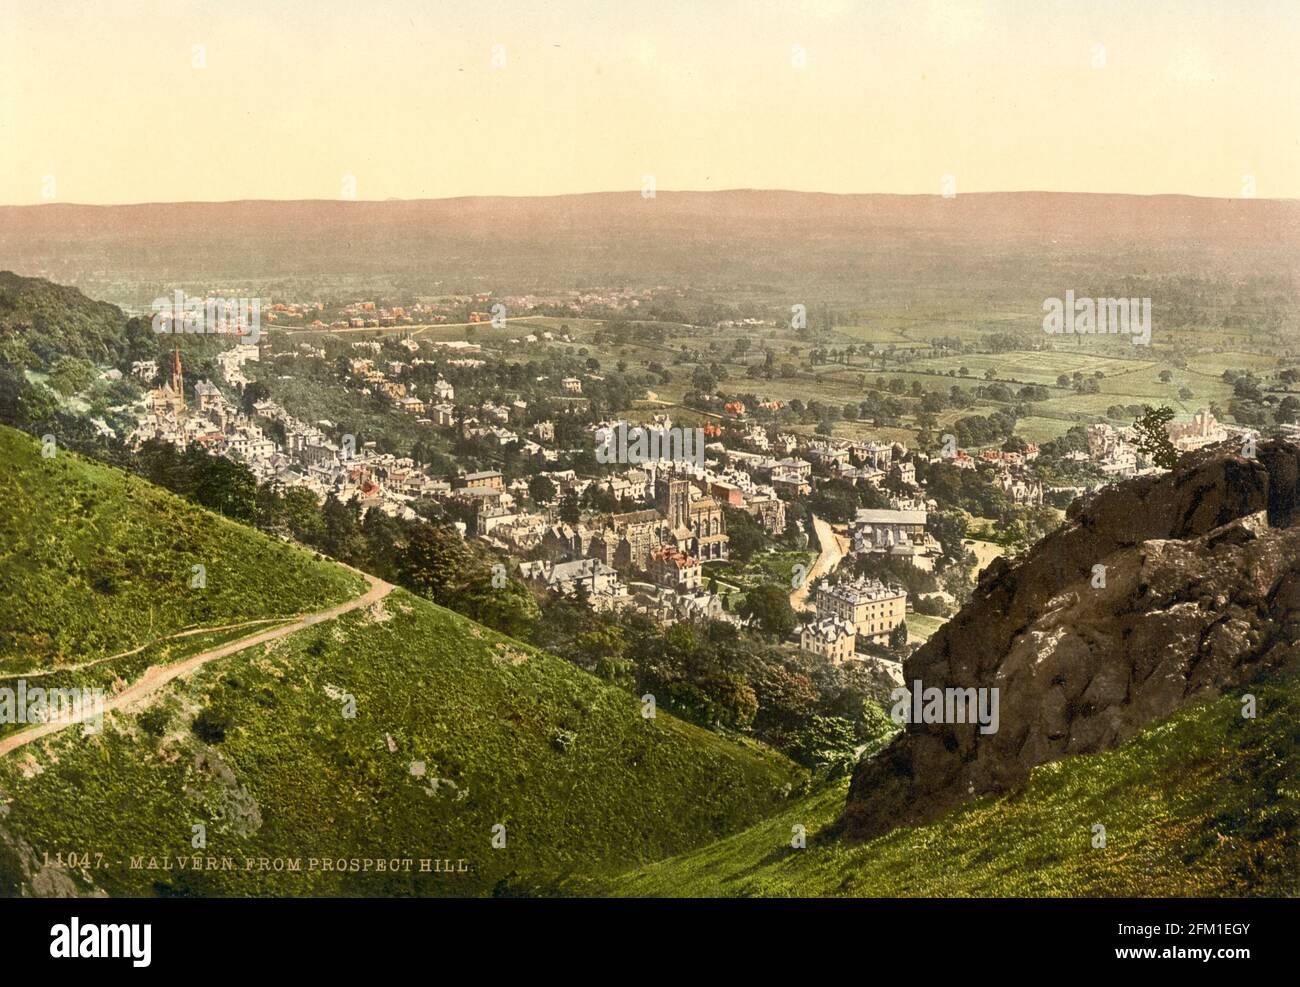 Malvern ville vue de Prospect Hill dans Worcestershire vers 1890-1900 Banque D'Images